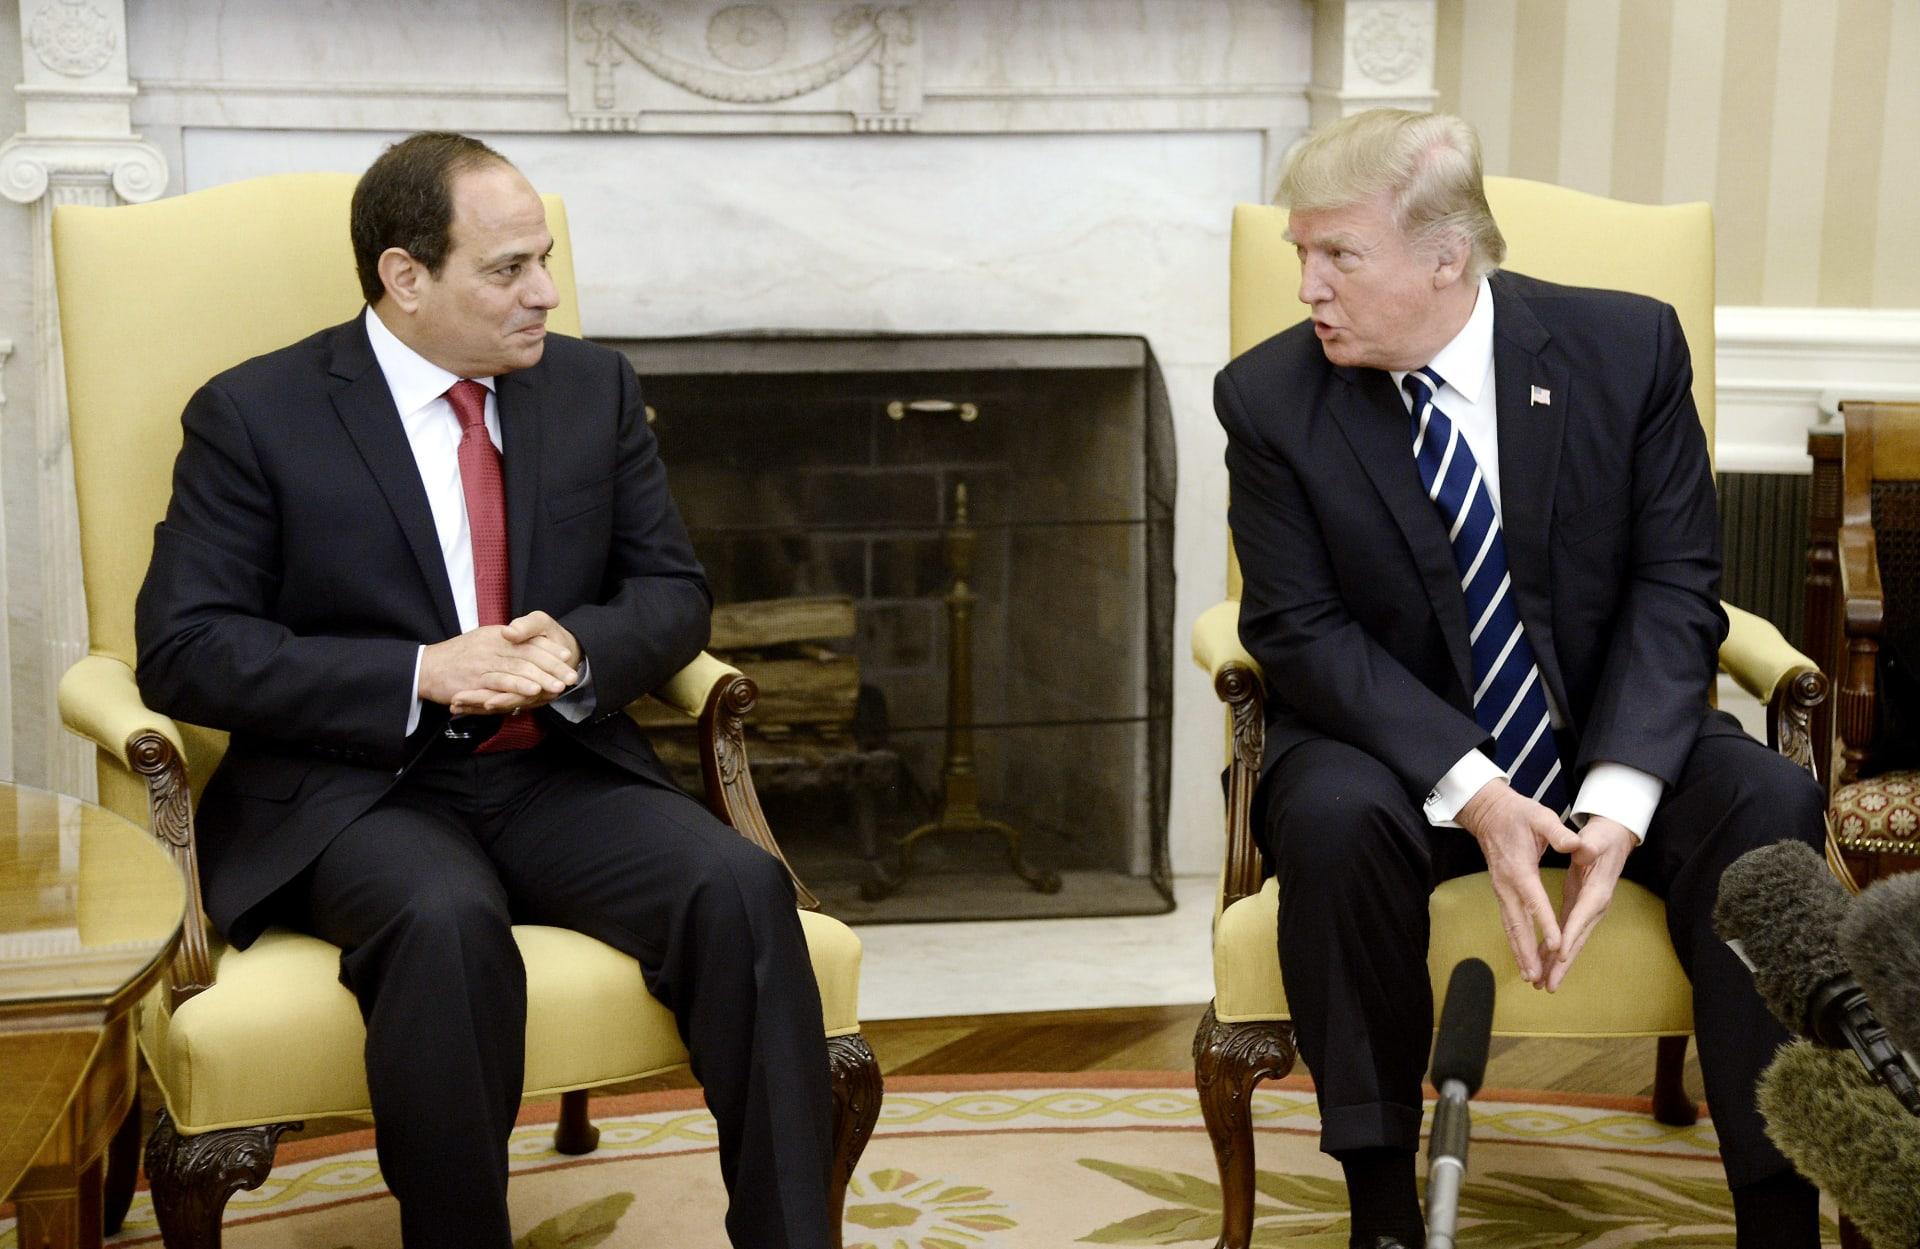 بعد اتهام مصر بشراء أسلحة روسية بالمعونة الأمريكية.. خبراء عسكريون يردون على ترامب: محاولة لتوتير العلاقات